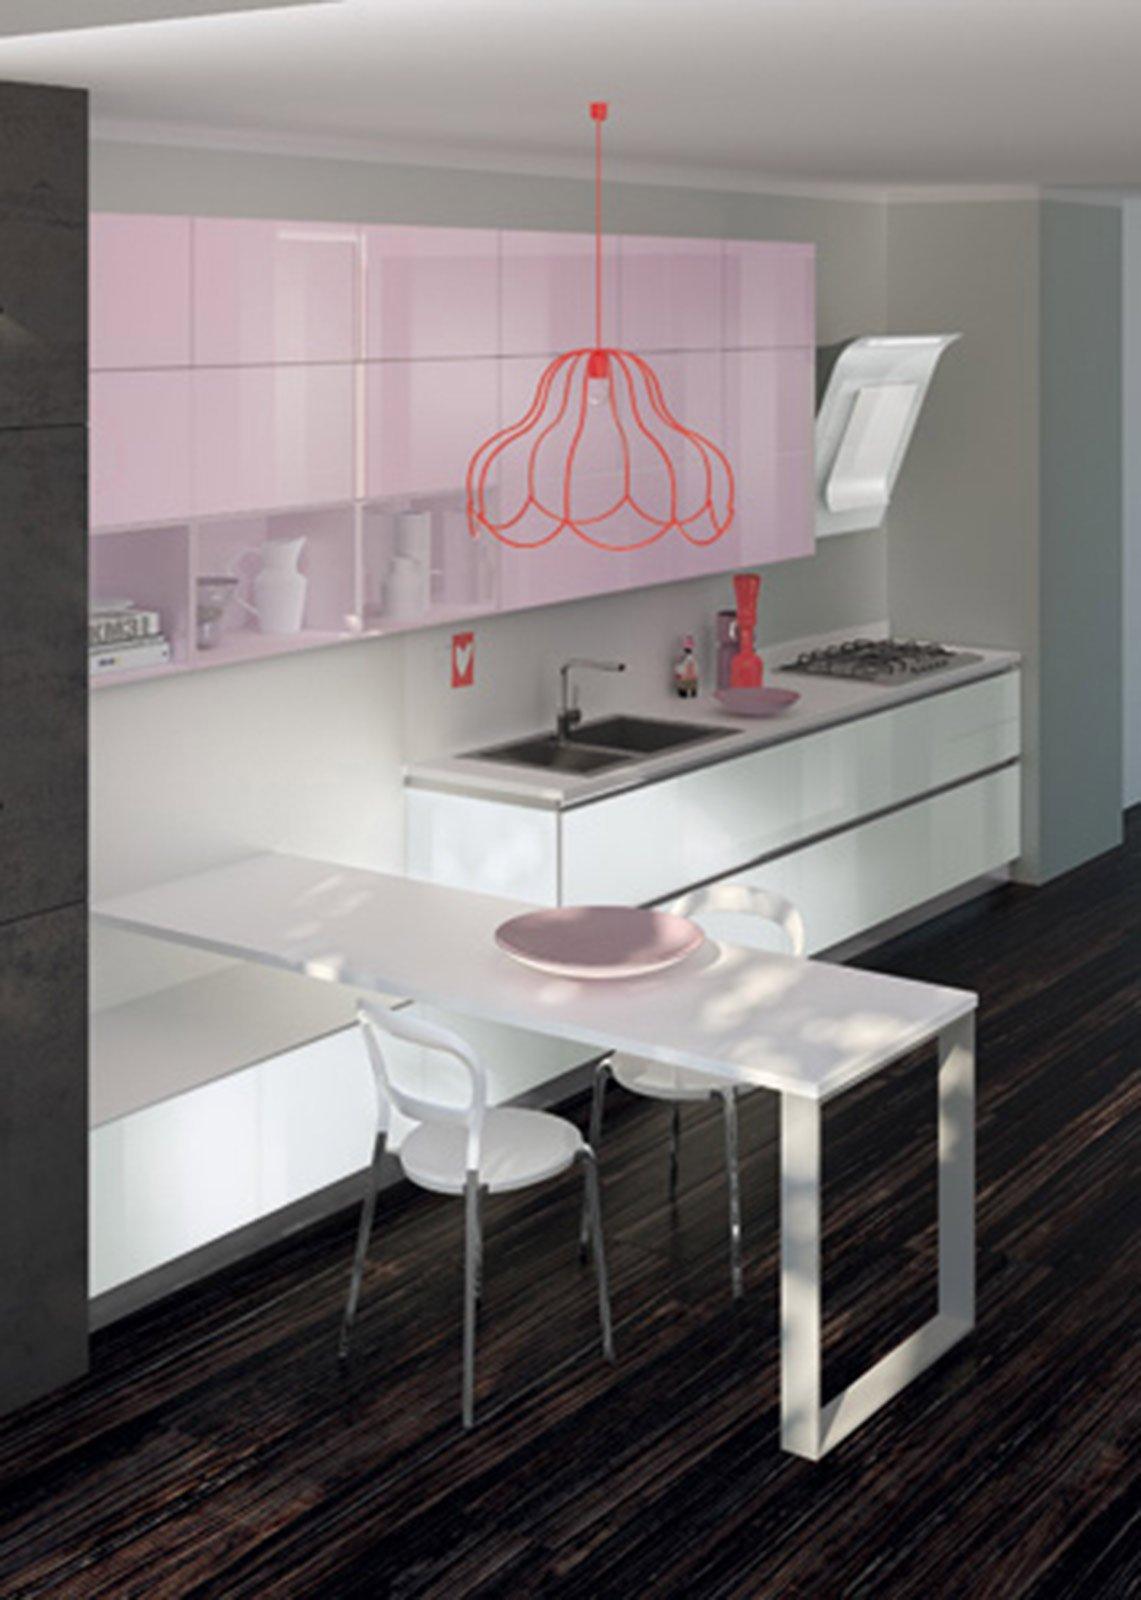 Vetro e colore per un ambiente contemporaneo - Cose di Casa